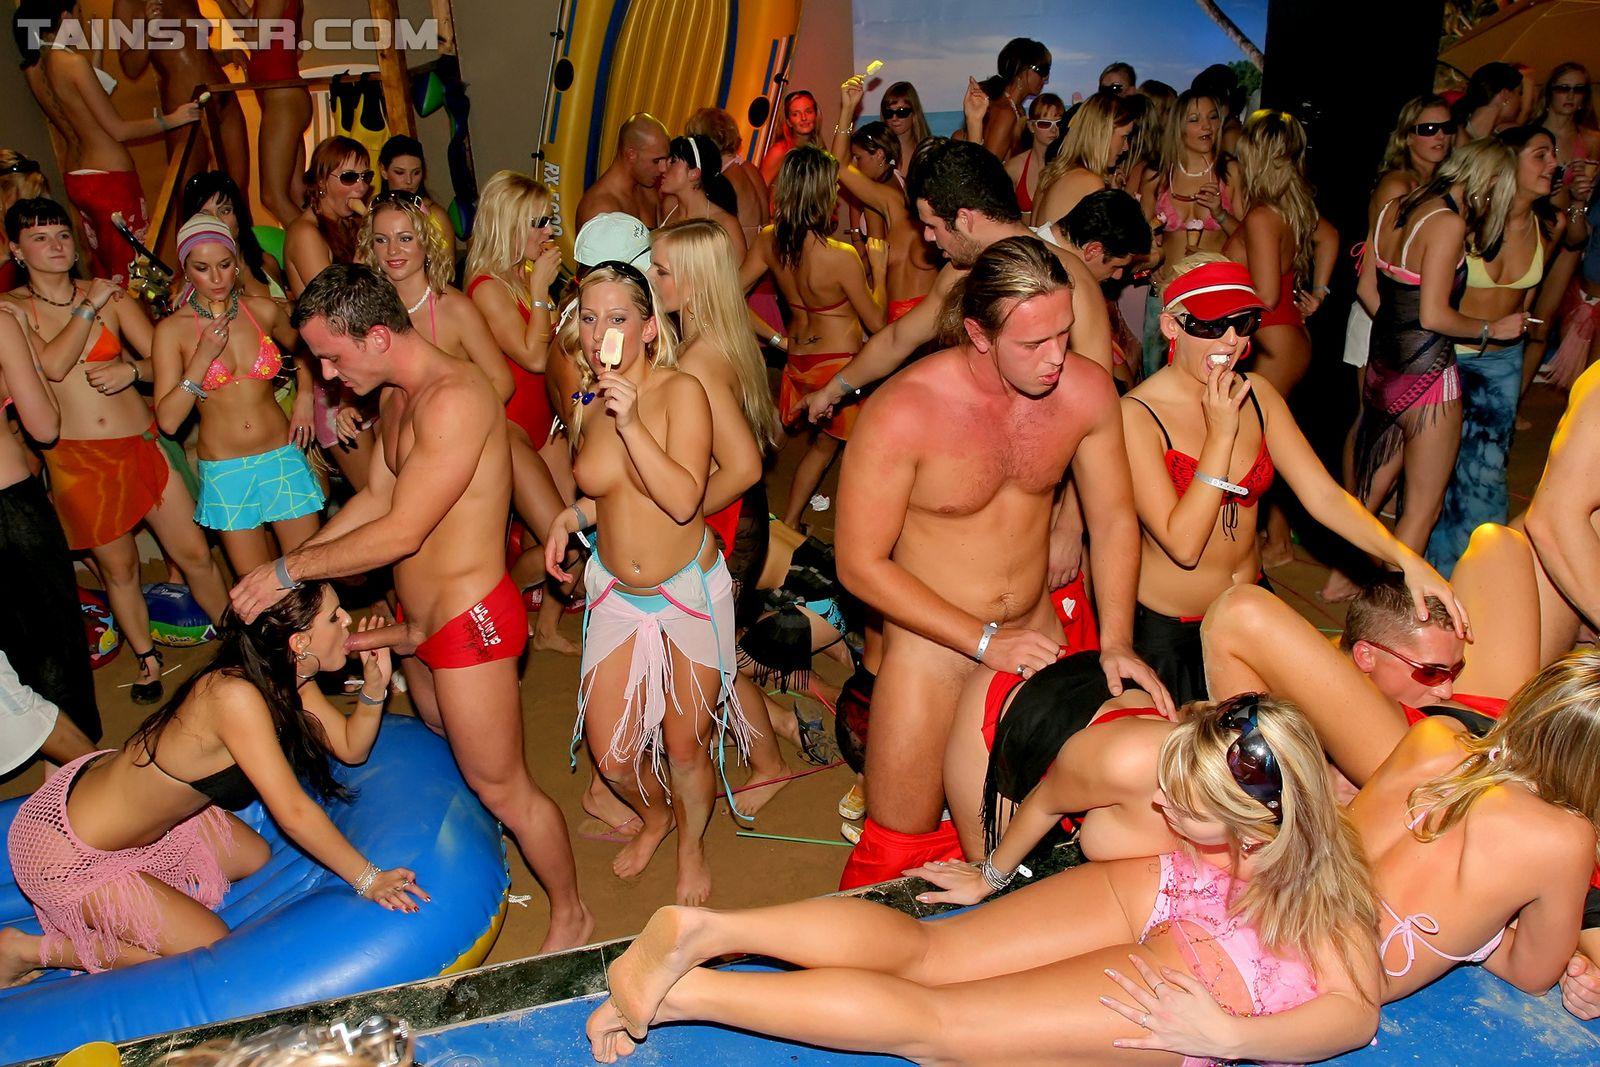 Пенная вечеринка окончилась большой оргией с кучей людей и сырых пезд